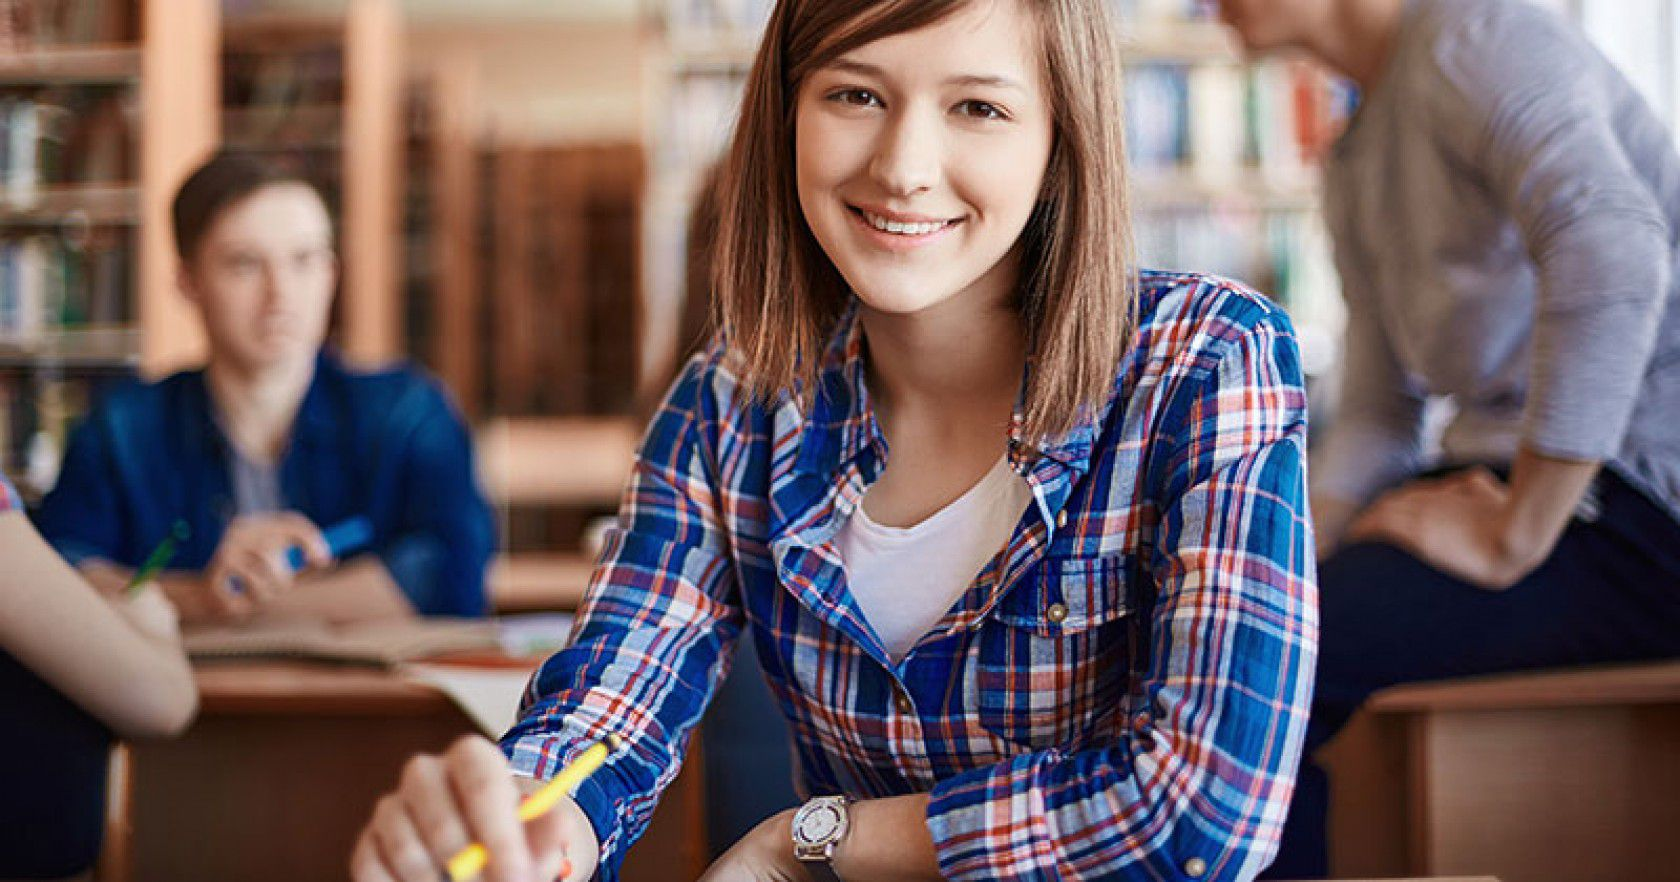 Avustralya Lise Eğitim Ücretleri Nelerdir?